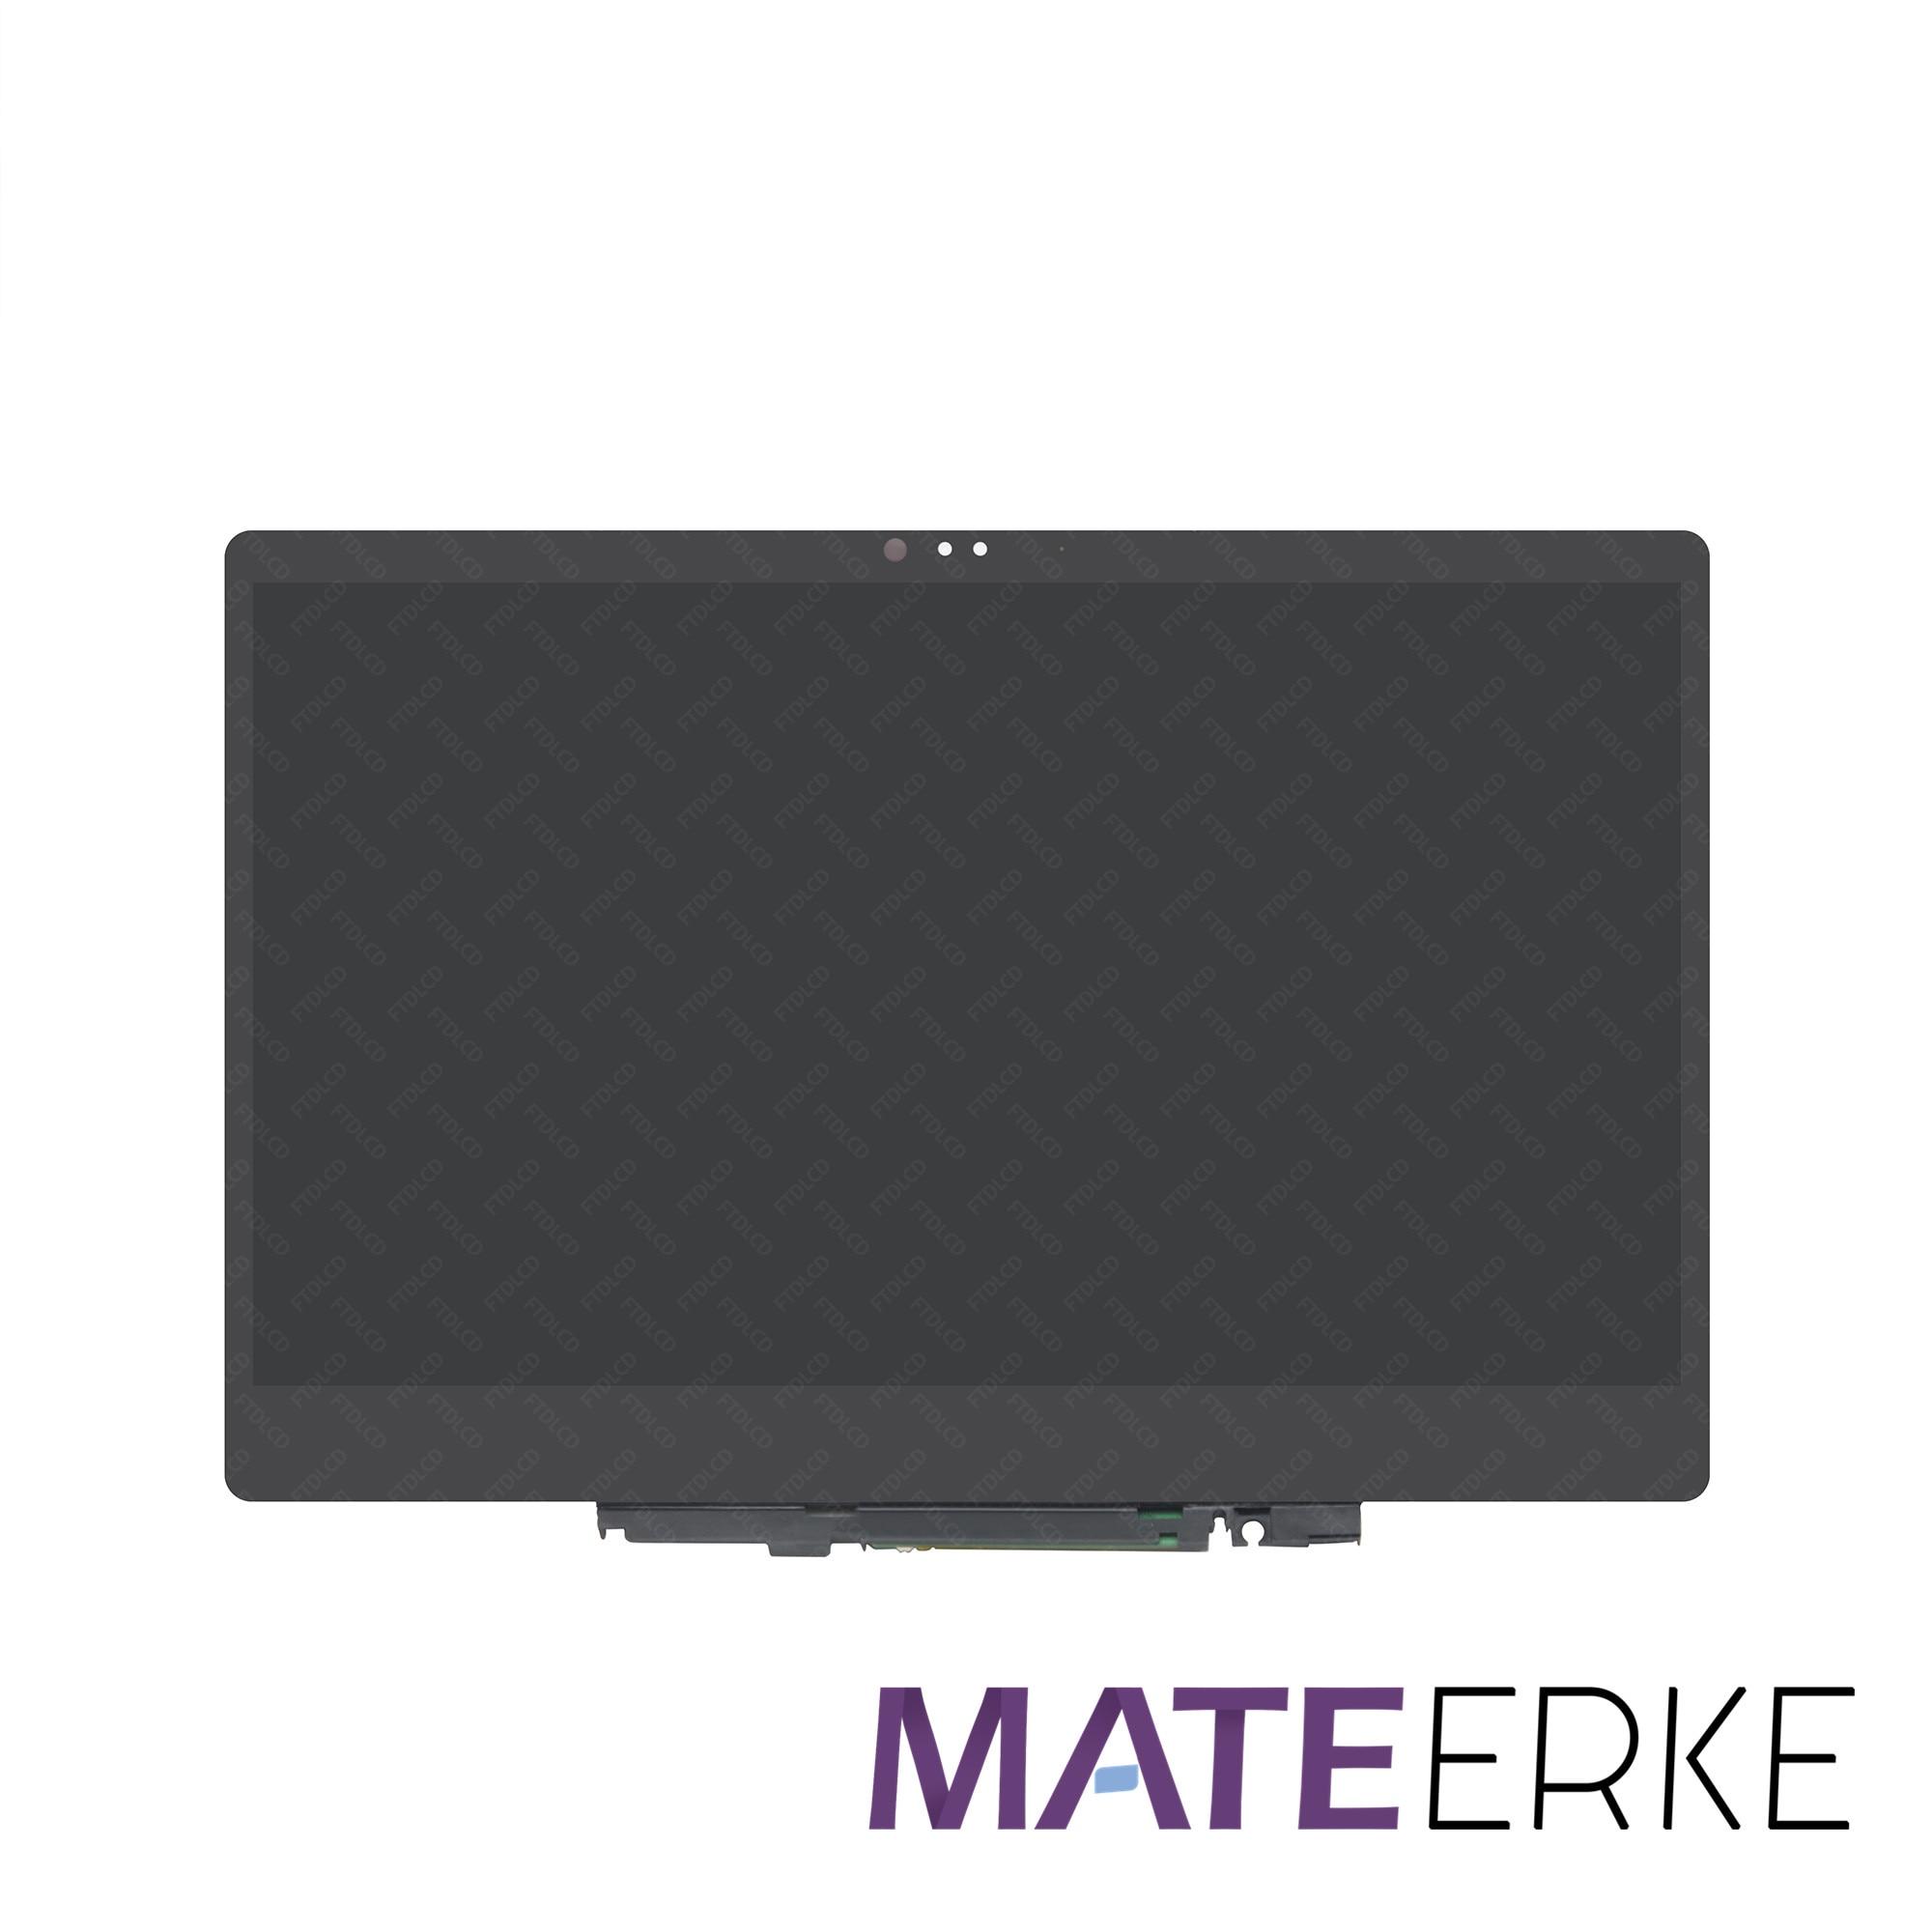 ل ديل انسبايرون 13 7373 P83G001 13.3 ''FHD LED LCD تعمل باللمس محول الأرقام الجمعية مع الإطار LP133WF4-SPA2 1920x1080